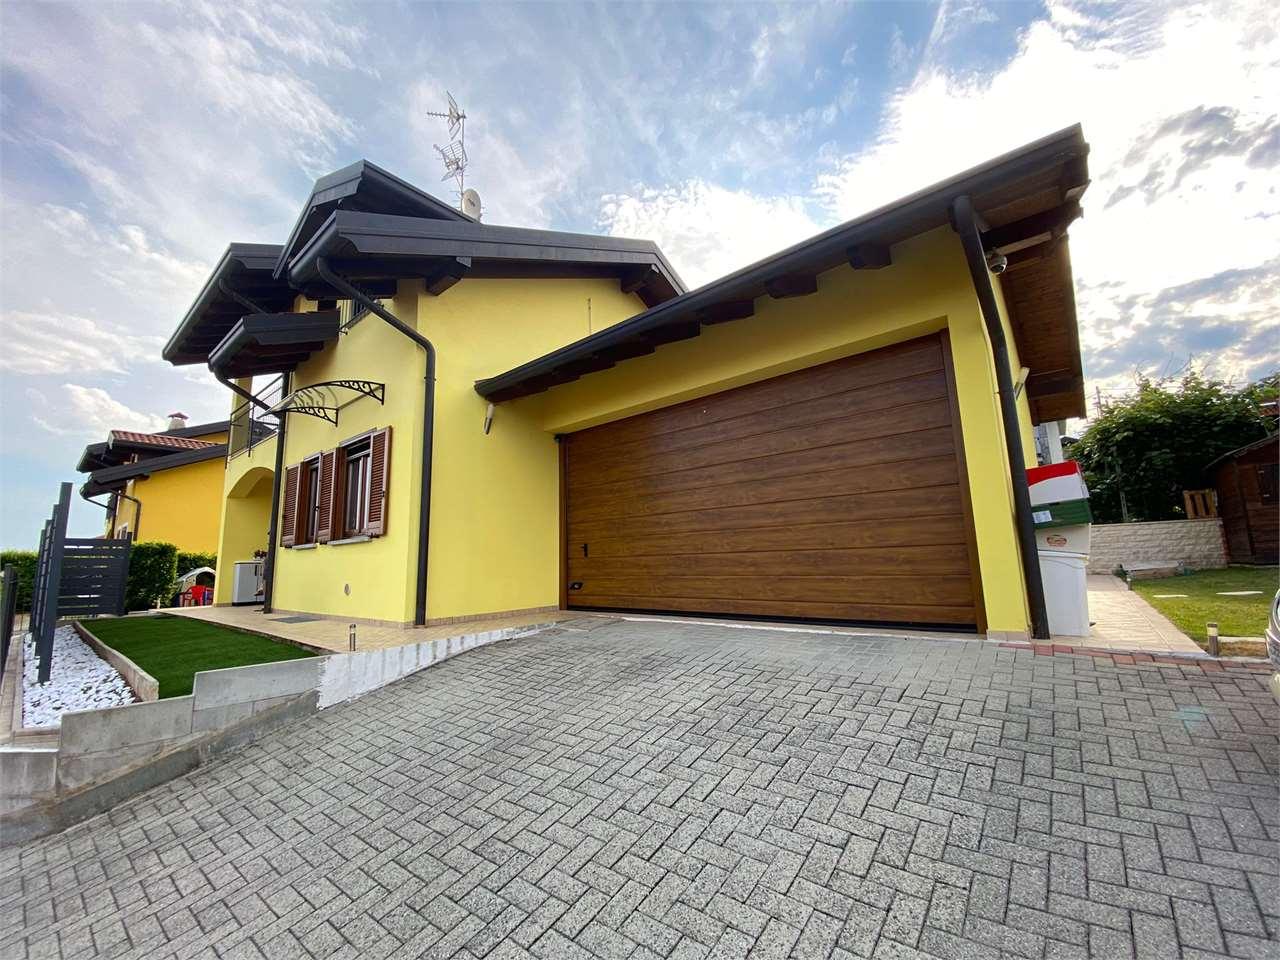 Vendita Villa unifamiliare Casa/Villa Agrate Conturbia Via Monte Rosa  3 B 278494